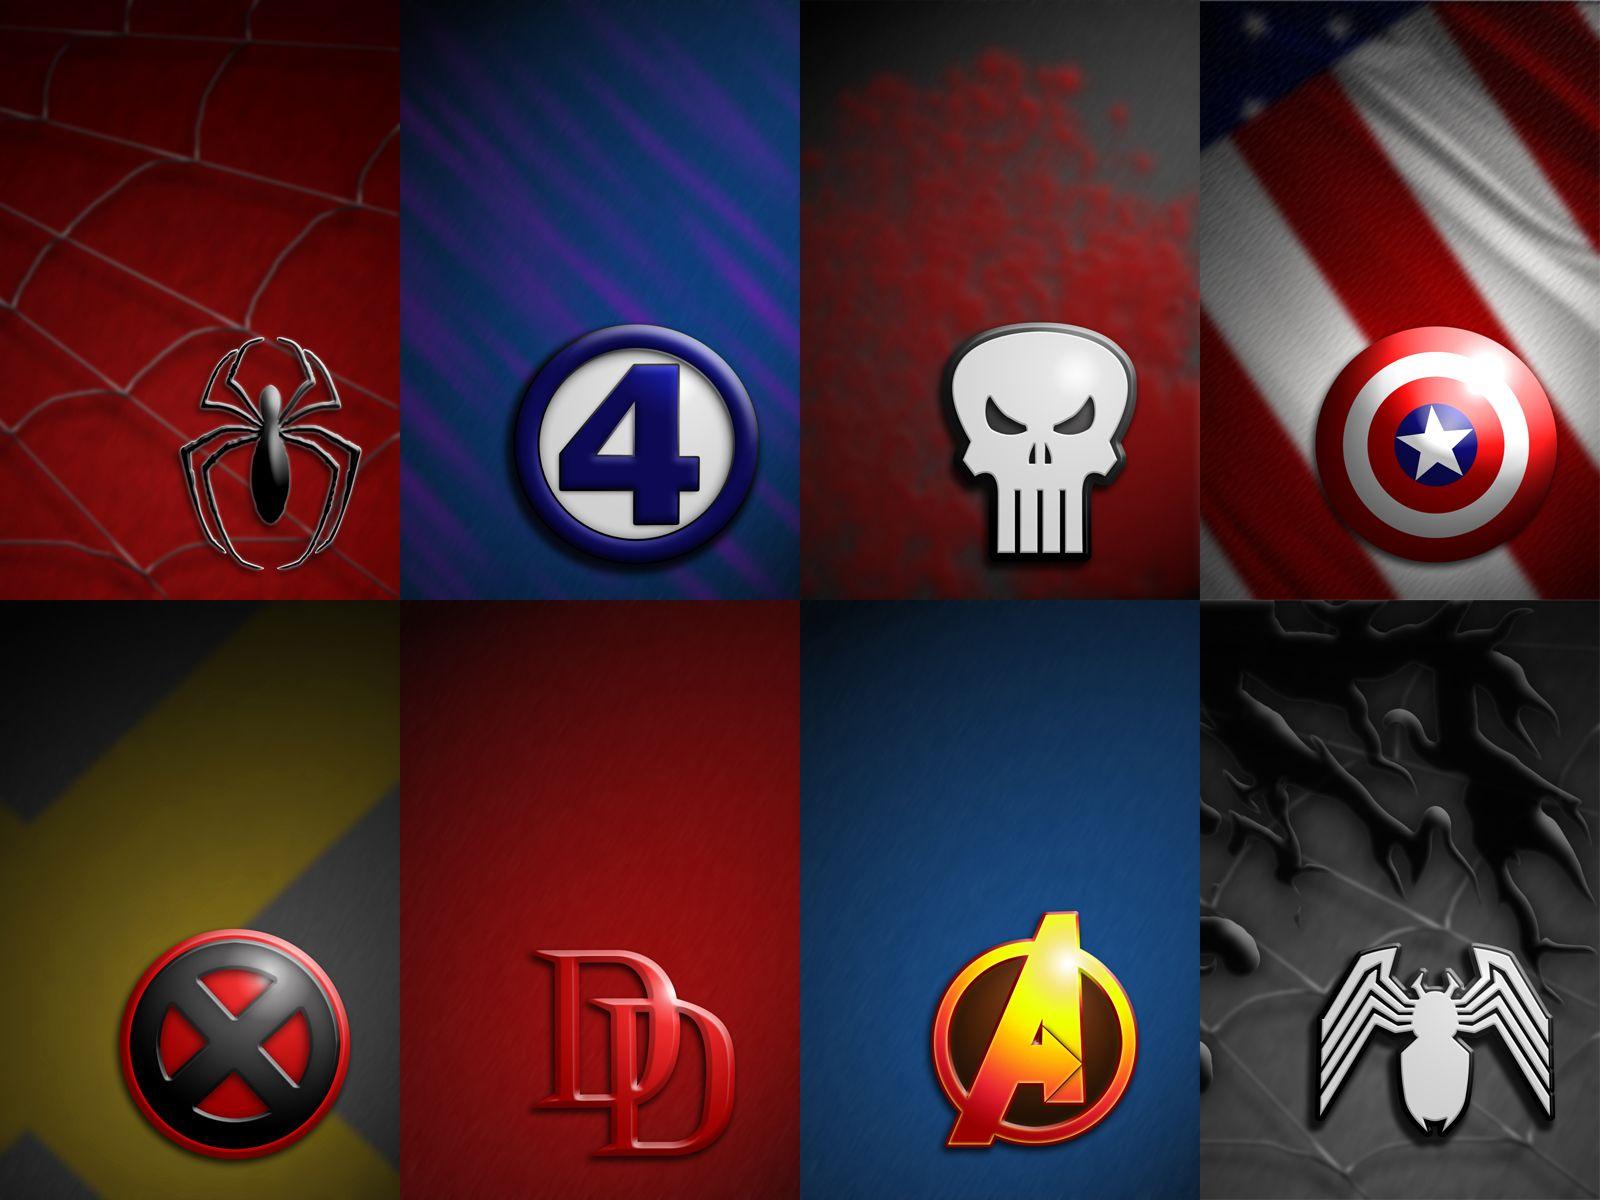 Amazing Wallpaper Logo Collage - cb2e3794a407d855b71d56498d175bb0  Photograph_624334.jpg